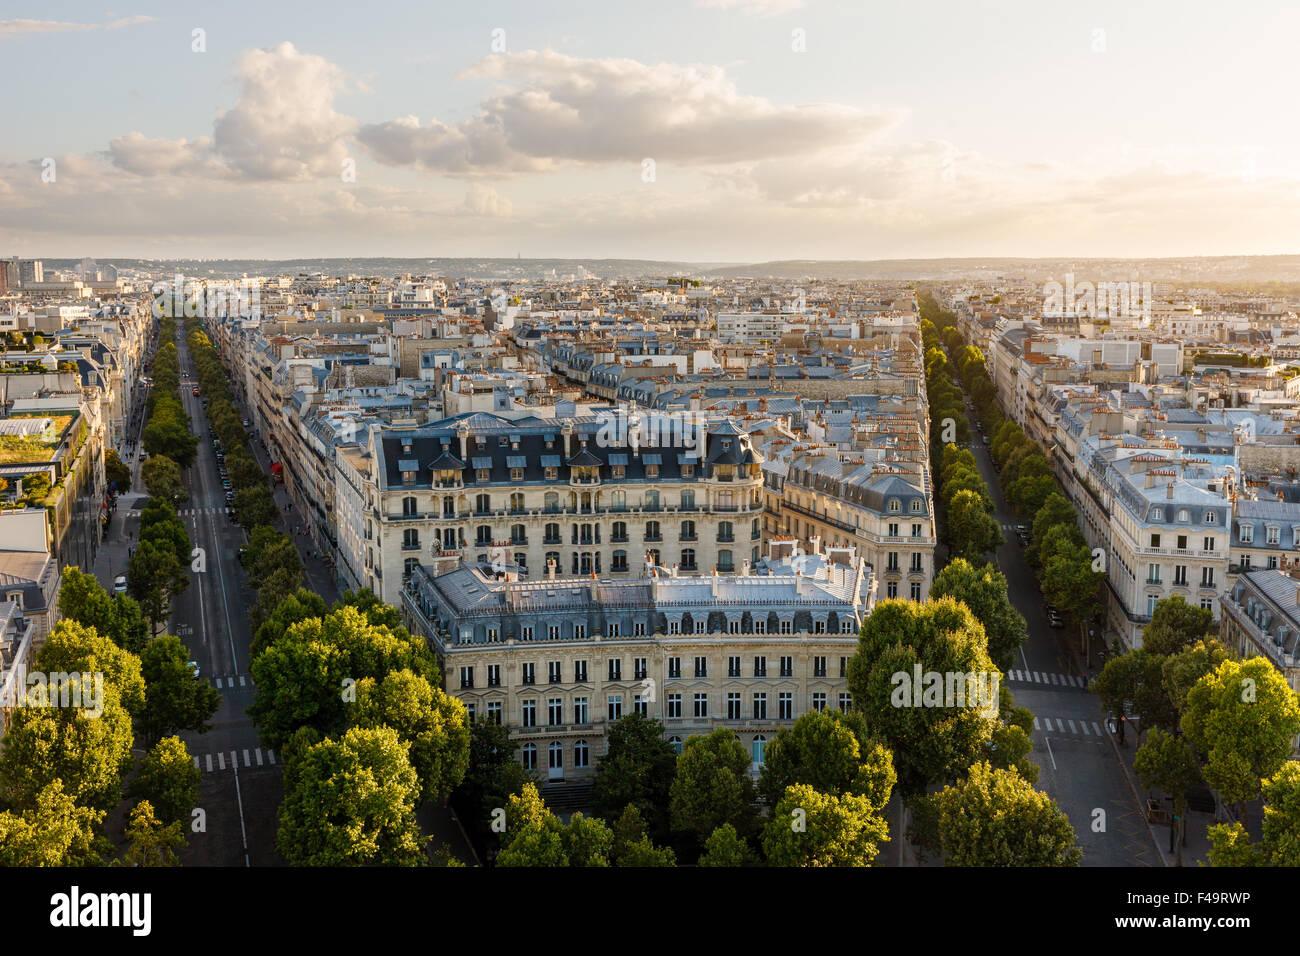 Vista aerea del XVI arrondissement di Parigi, Francia. Vista in stile Haussmanniano edifici e tetti tardo pomeriggio Immagini Stock